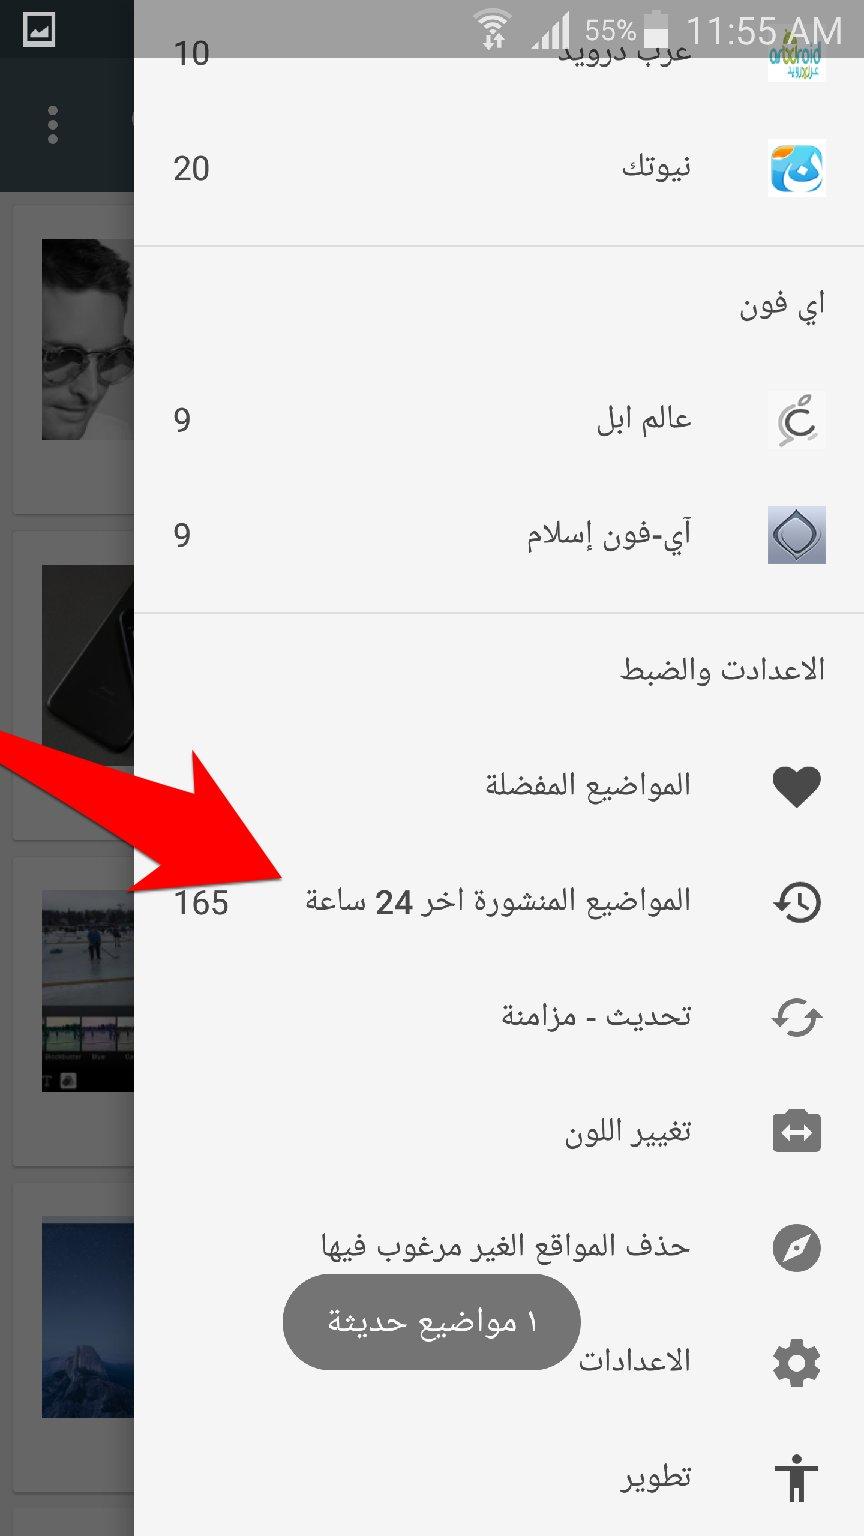 تطبيق التقنية الآن لمتابعة الاخبار التقنية من افضل المصادر العربية   بحرية درويد